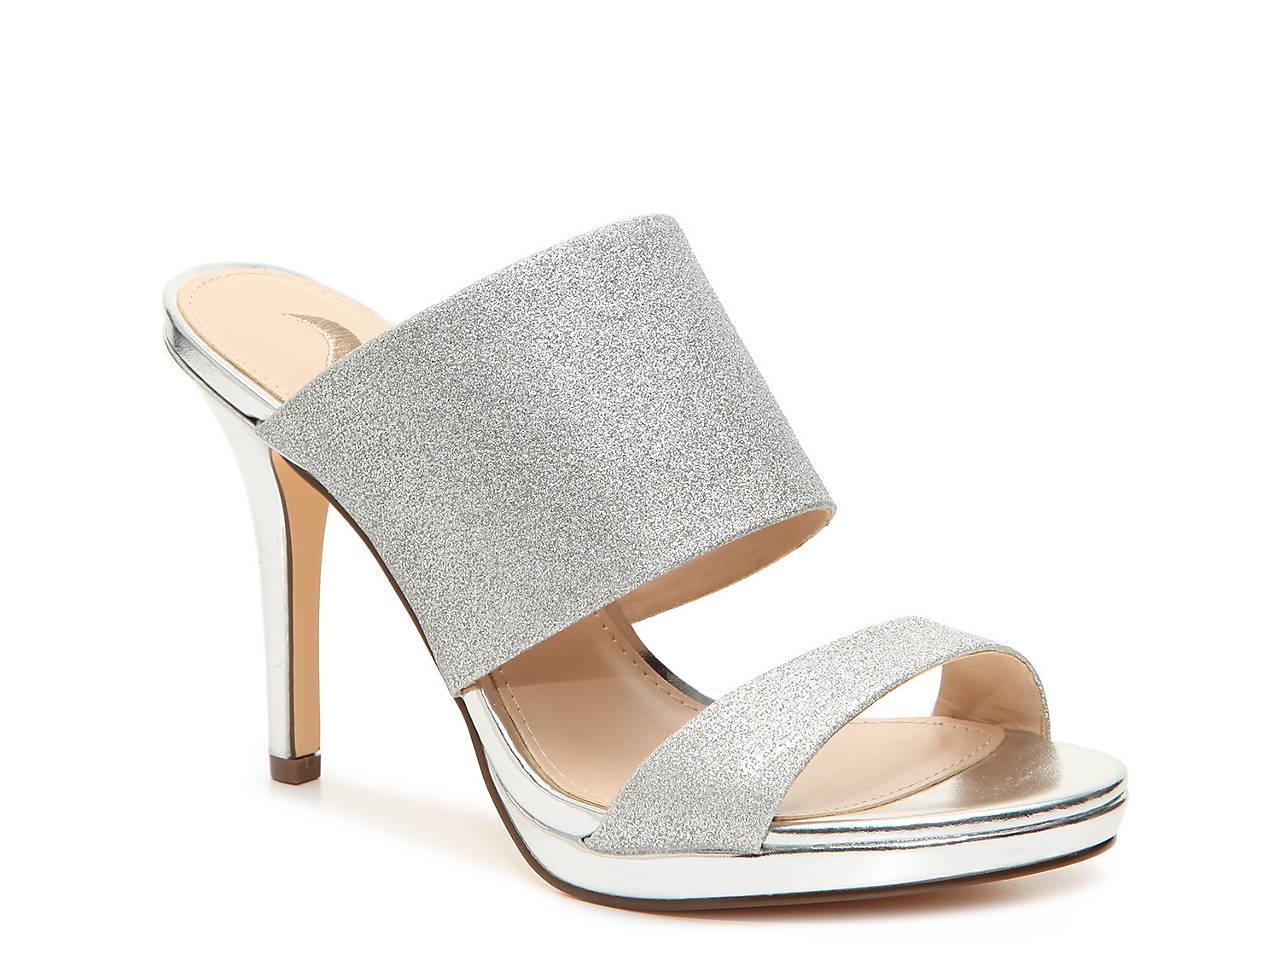 cc87b9e1b29e Nina Rowana Platform Sandal Women s Shoes